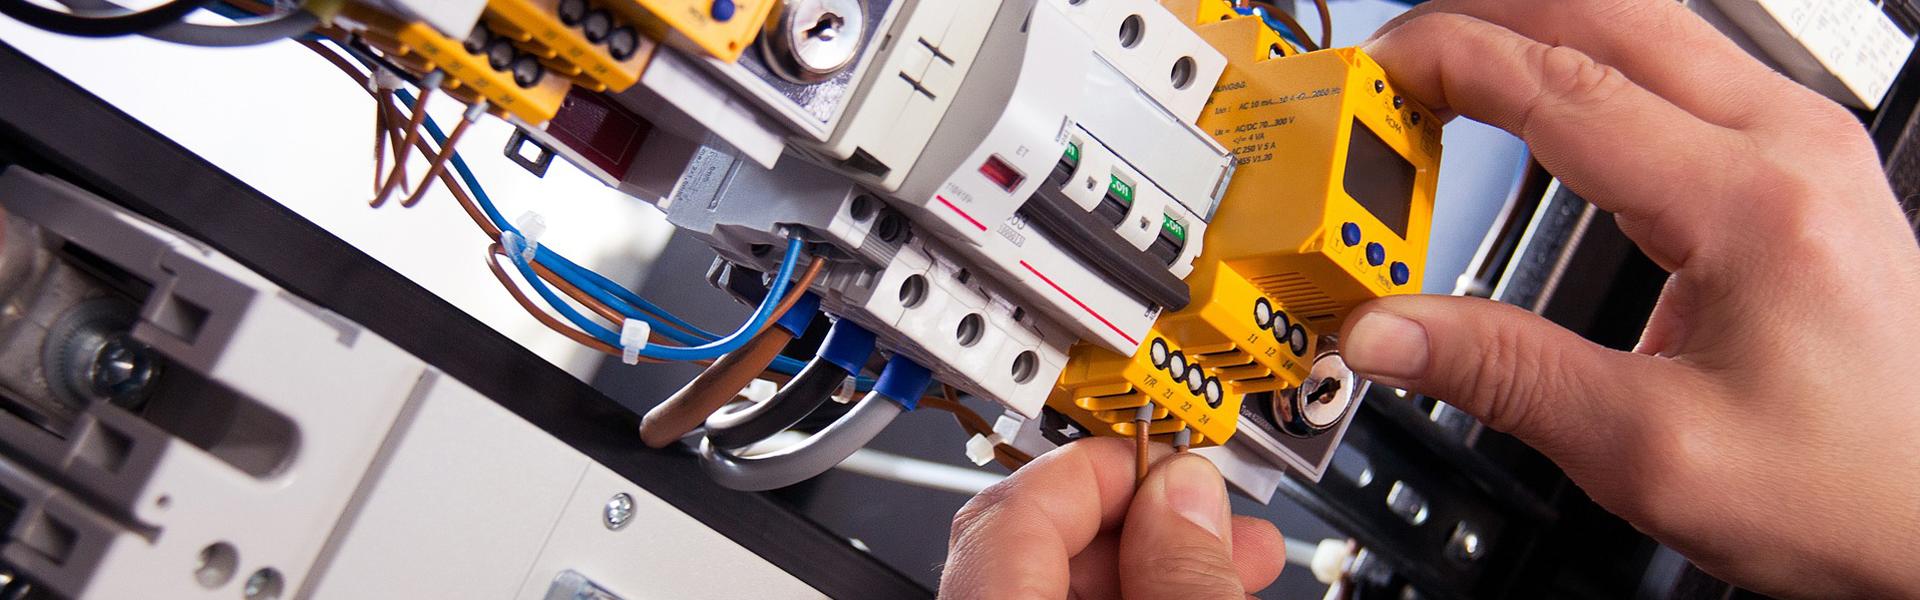 servicios_integrados_en_el_area_de_informatica_electronica_telecomunicaciones_cabezote